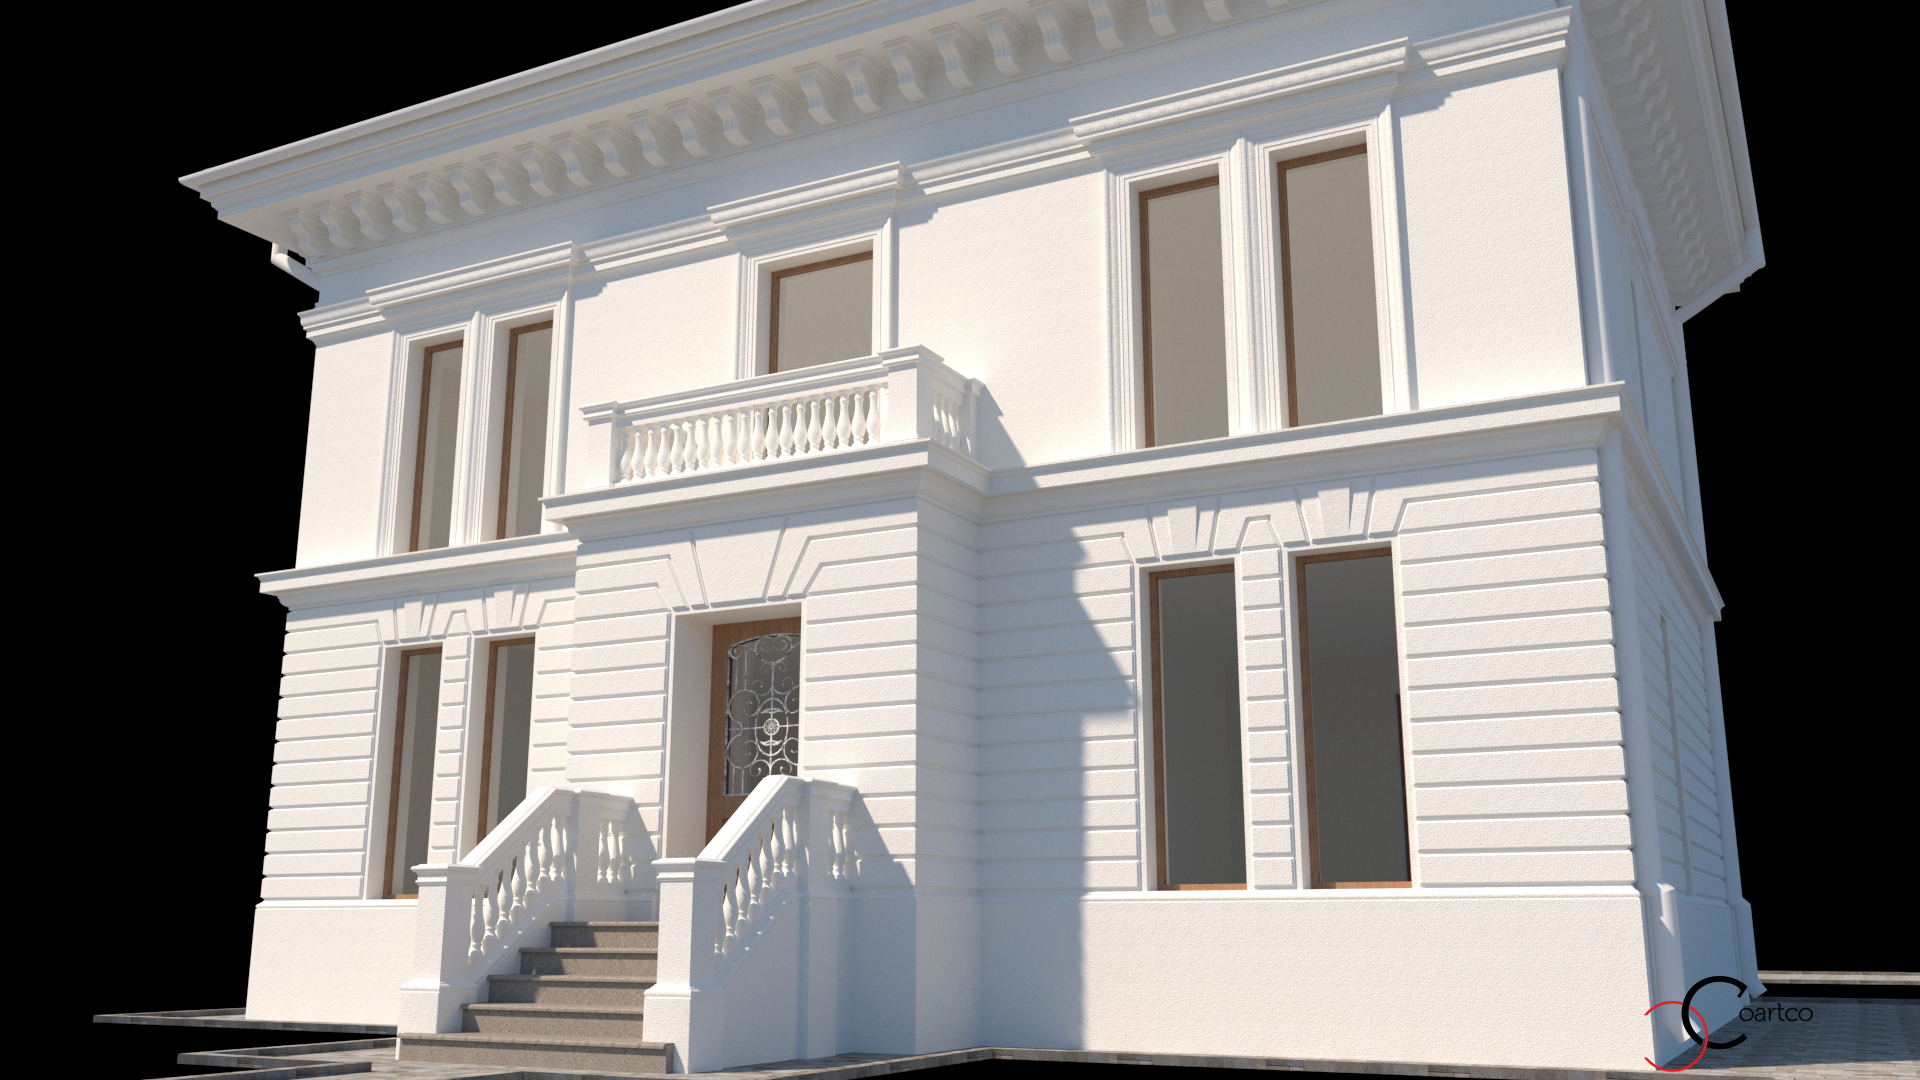 intrare-casa-arhitect-designer-coartco